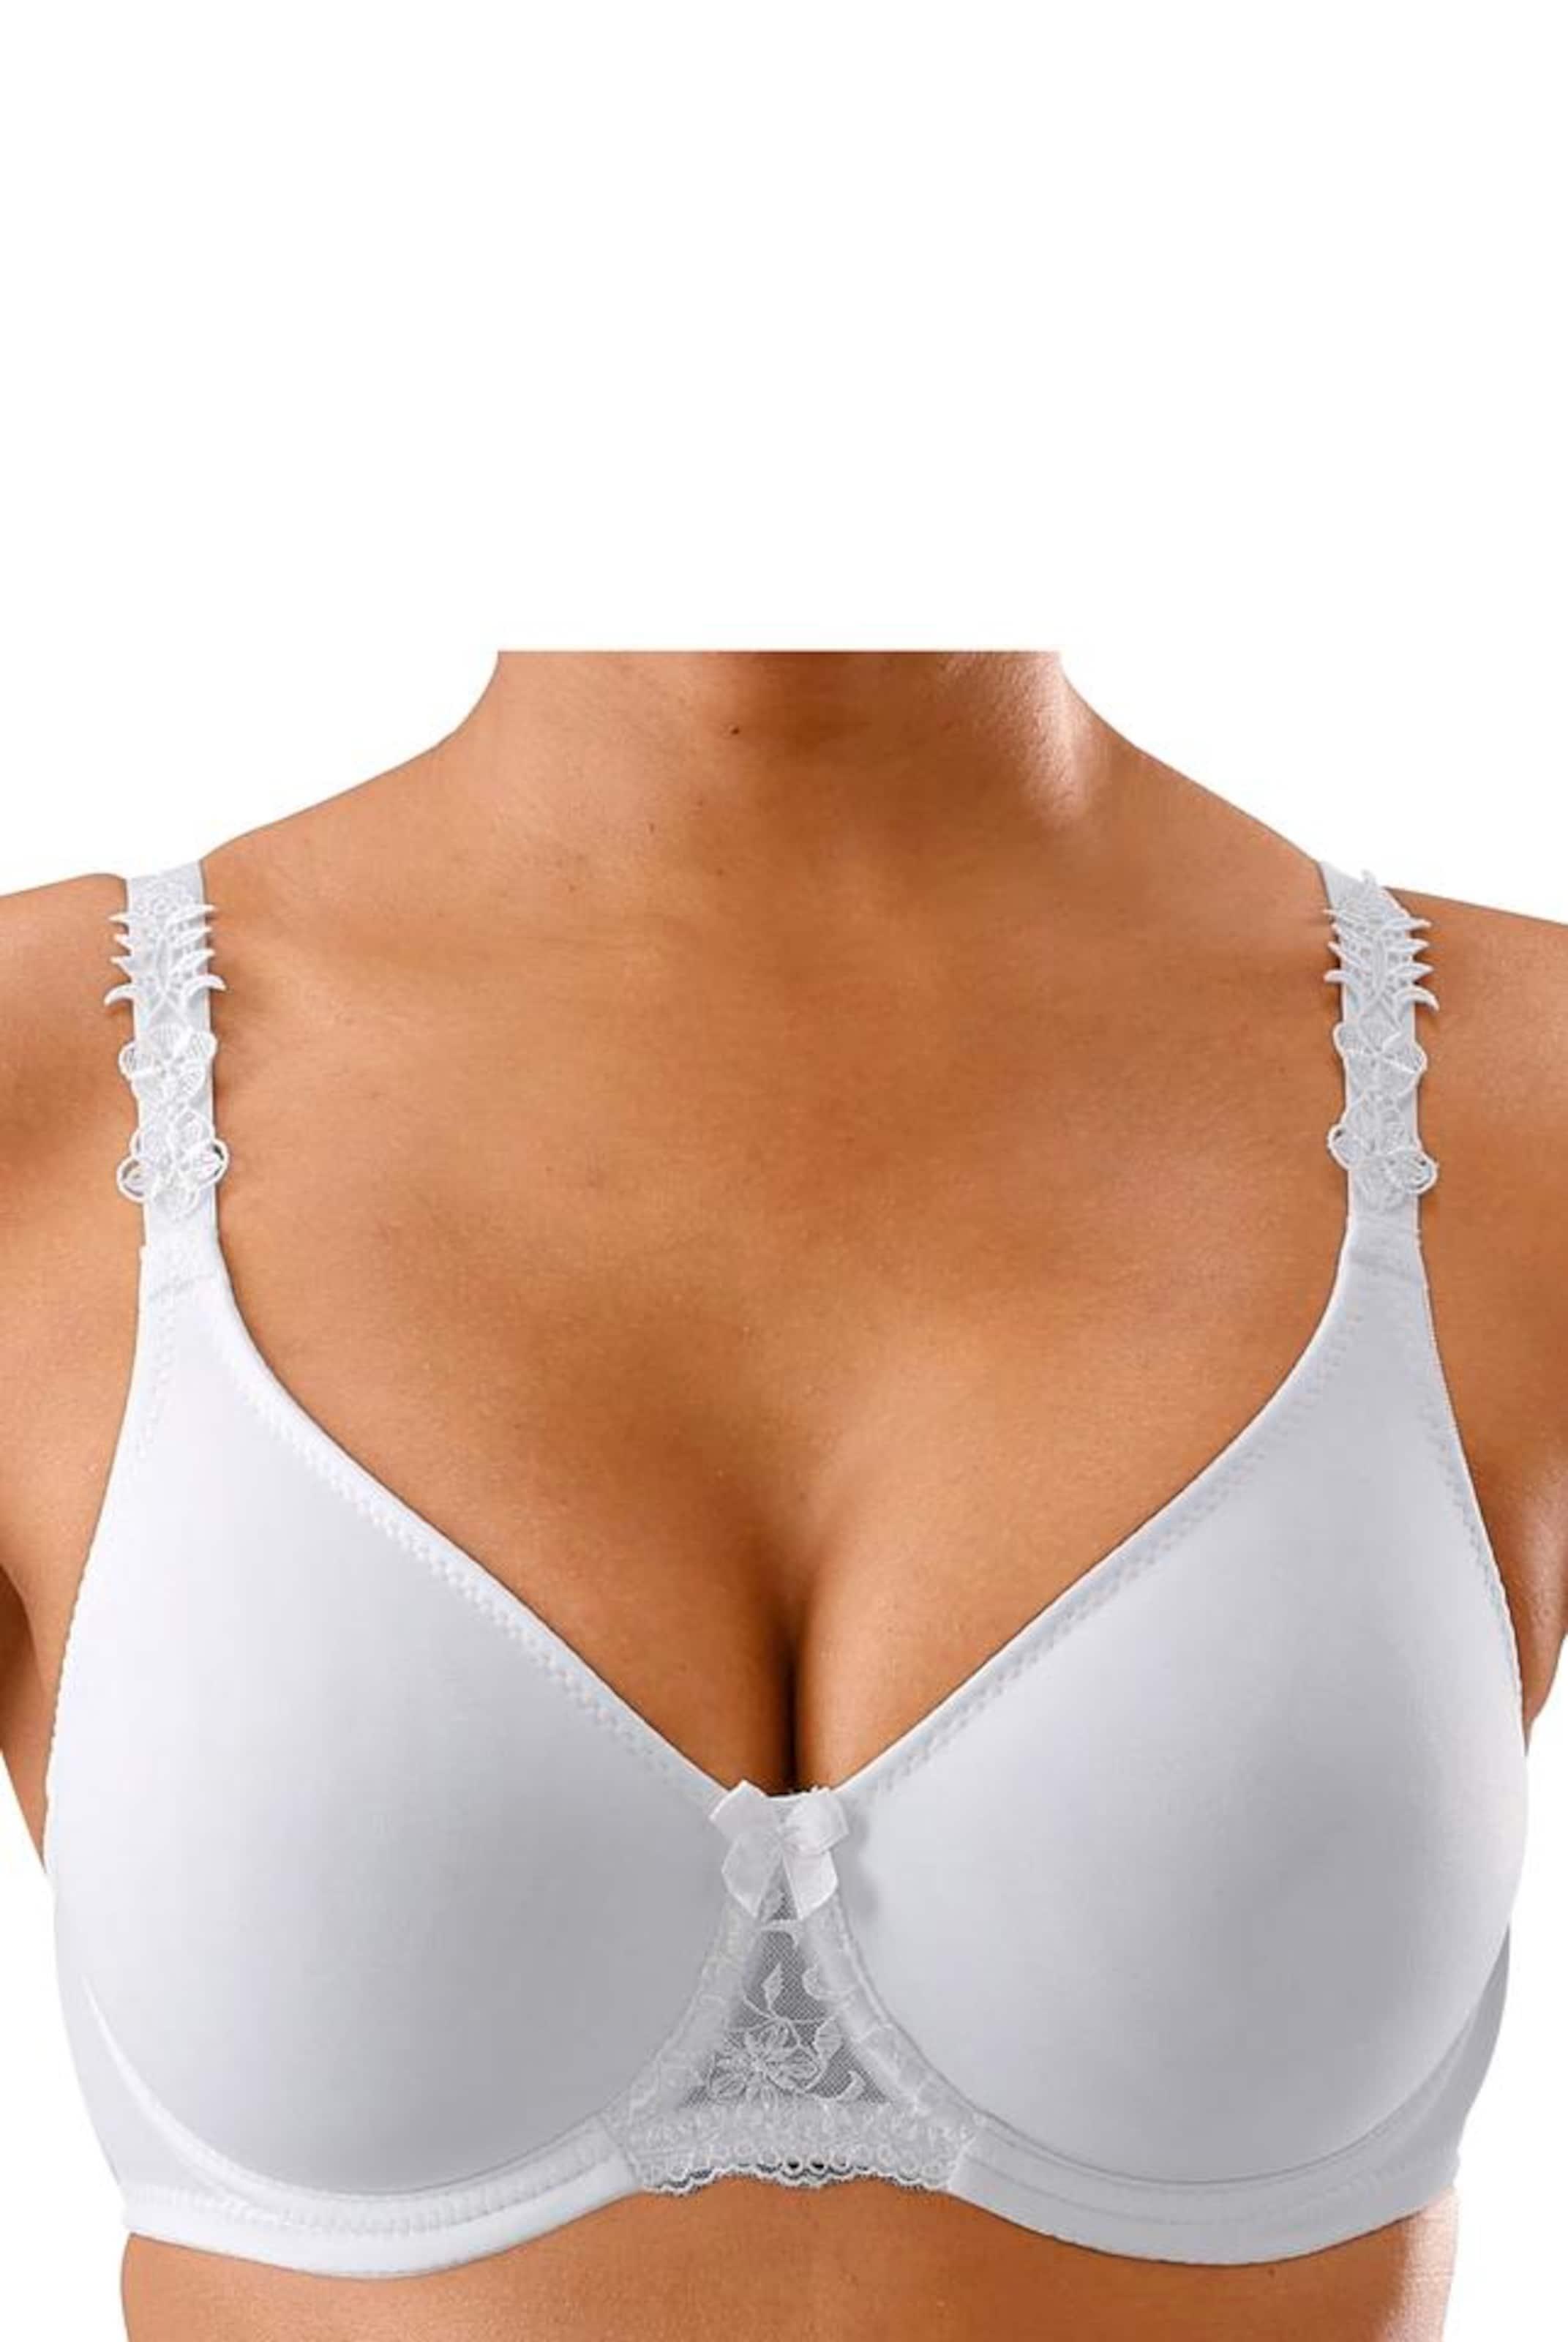 Steckdose Neu Günstig Kaufen Wahl PETITE FLEUR T-Shirt-BH mit Bügel (2 Stück) Billigster Günstiger Preis Geschäft Günstig Online Kaufen Vzh11mqoh